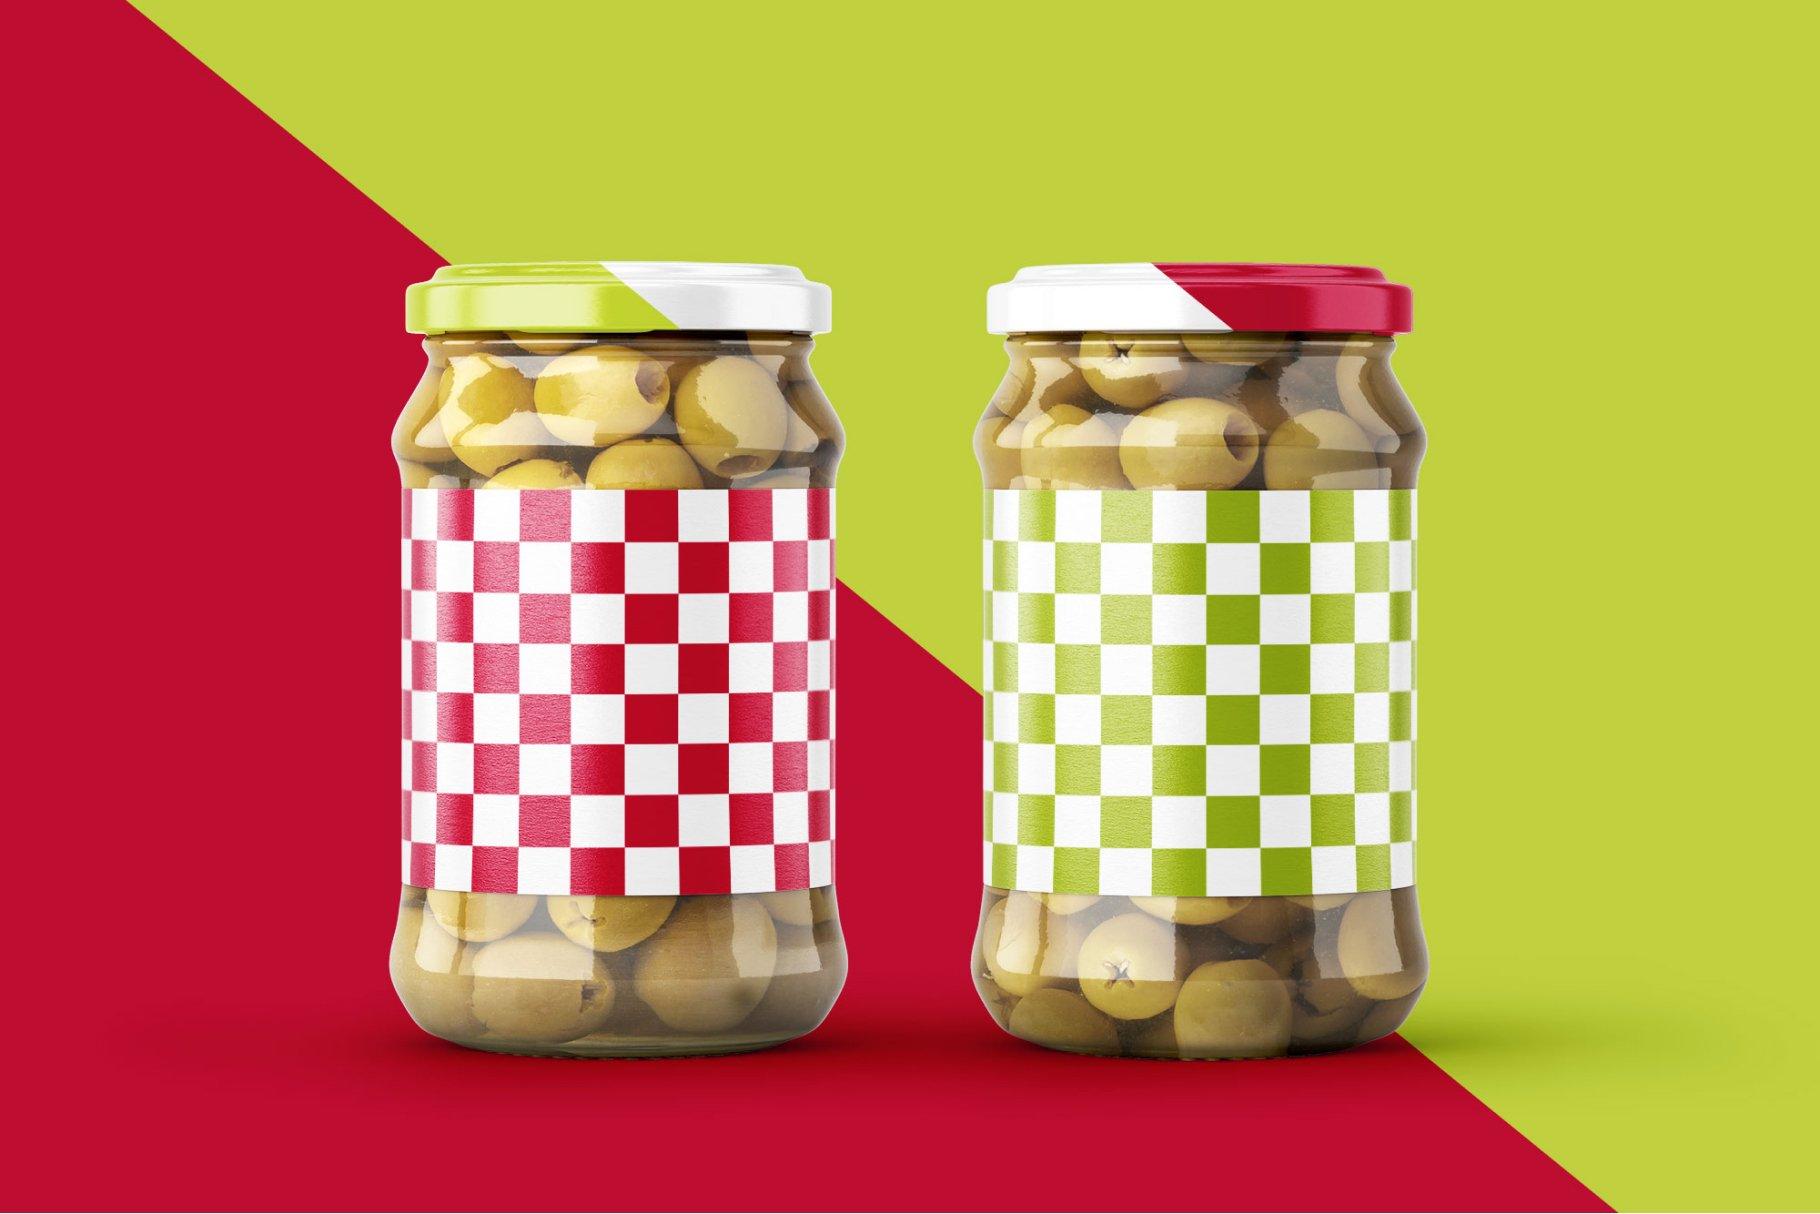 9款新潮华丽食品果酱罐头玻璃罐标签设计样机合集 Olives Jar Mockup Set插图10